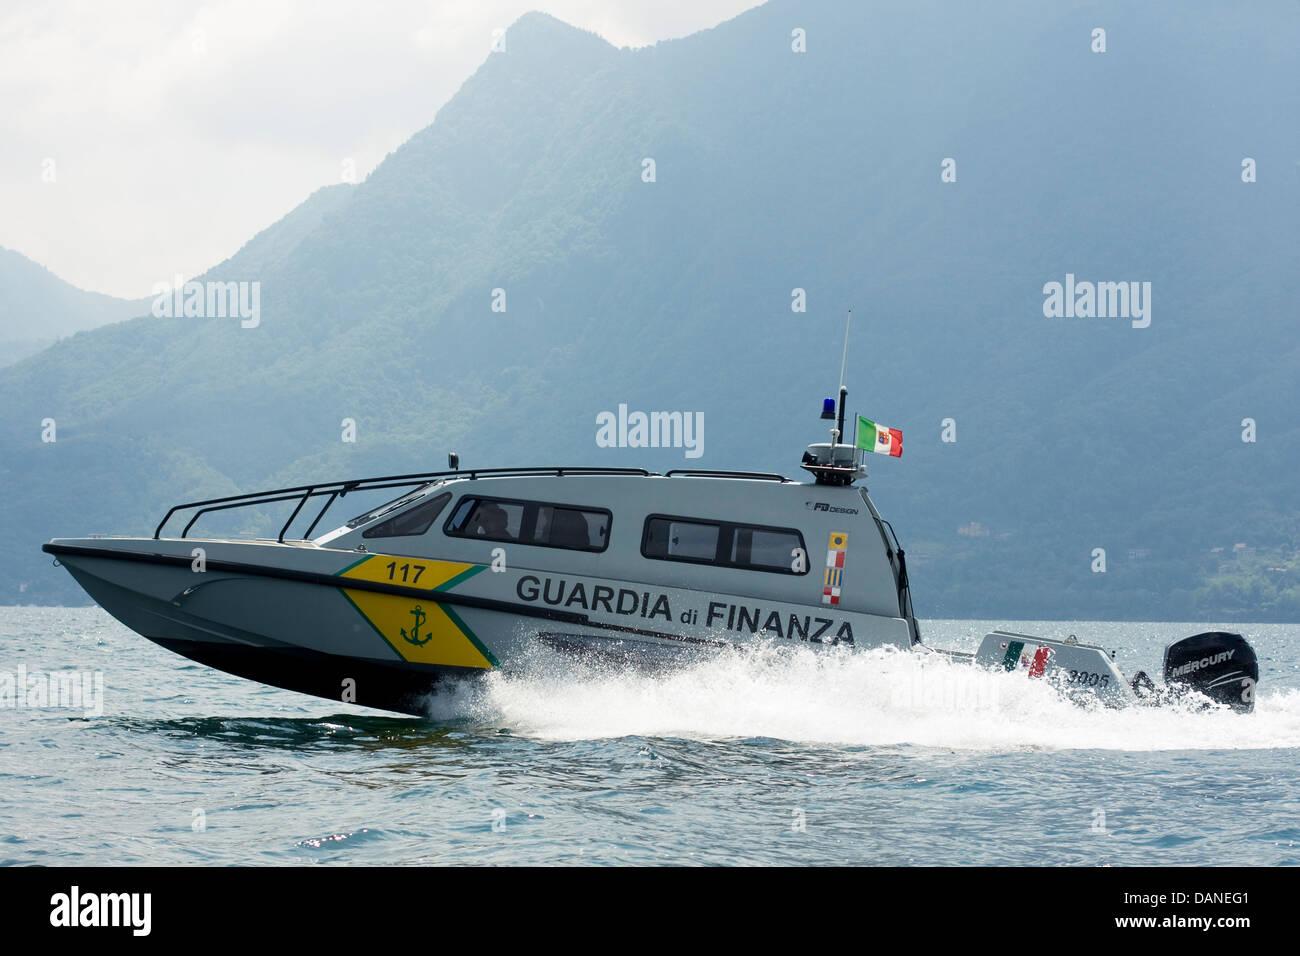 High speed patrol boat FB Design of Guardia di Finanza on Swiss/Italian border, Lake Maggiore. - Stock Image